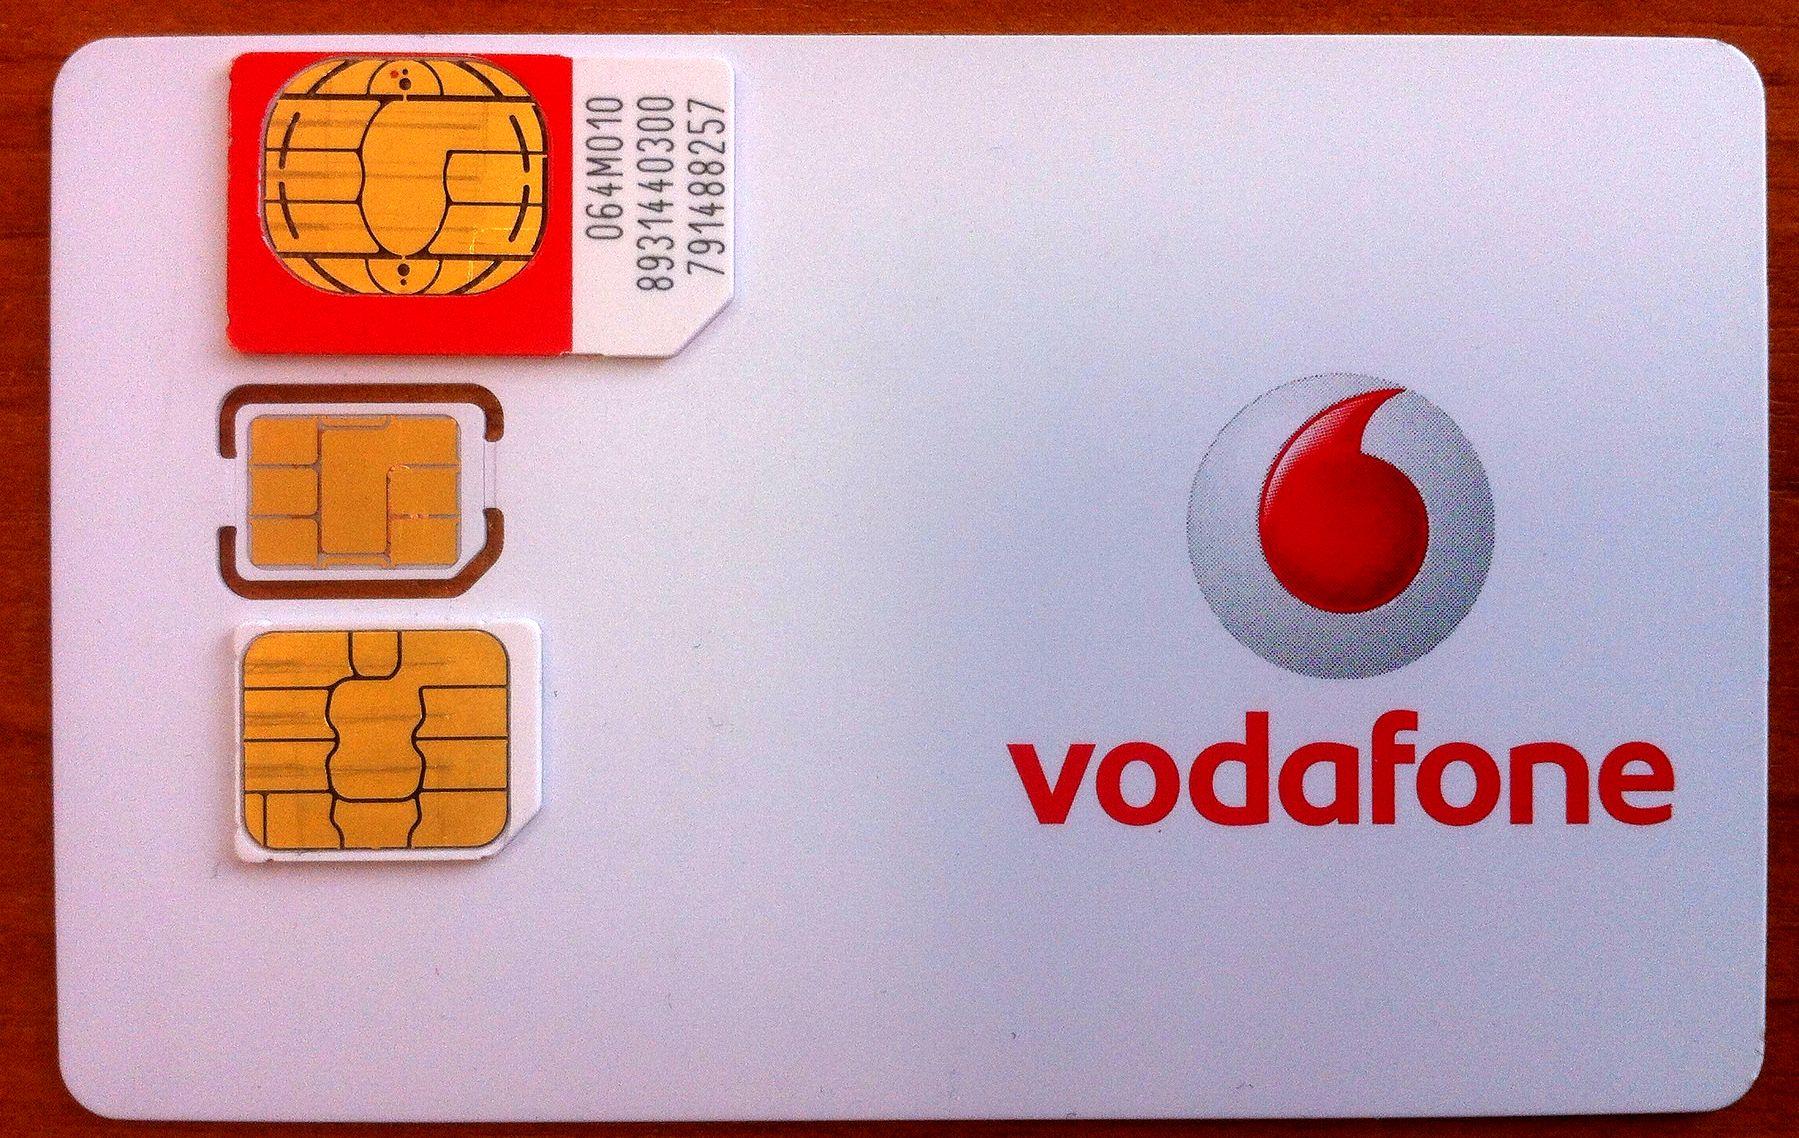 Euro8 Prepaid Data Sim Card Wiki Fandom Powered By Wikia Voucher 3 1gb 8005529813 53f524dec9 K